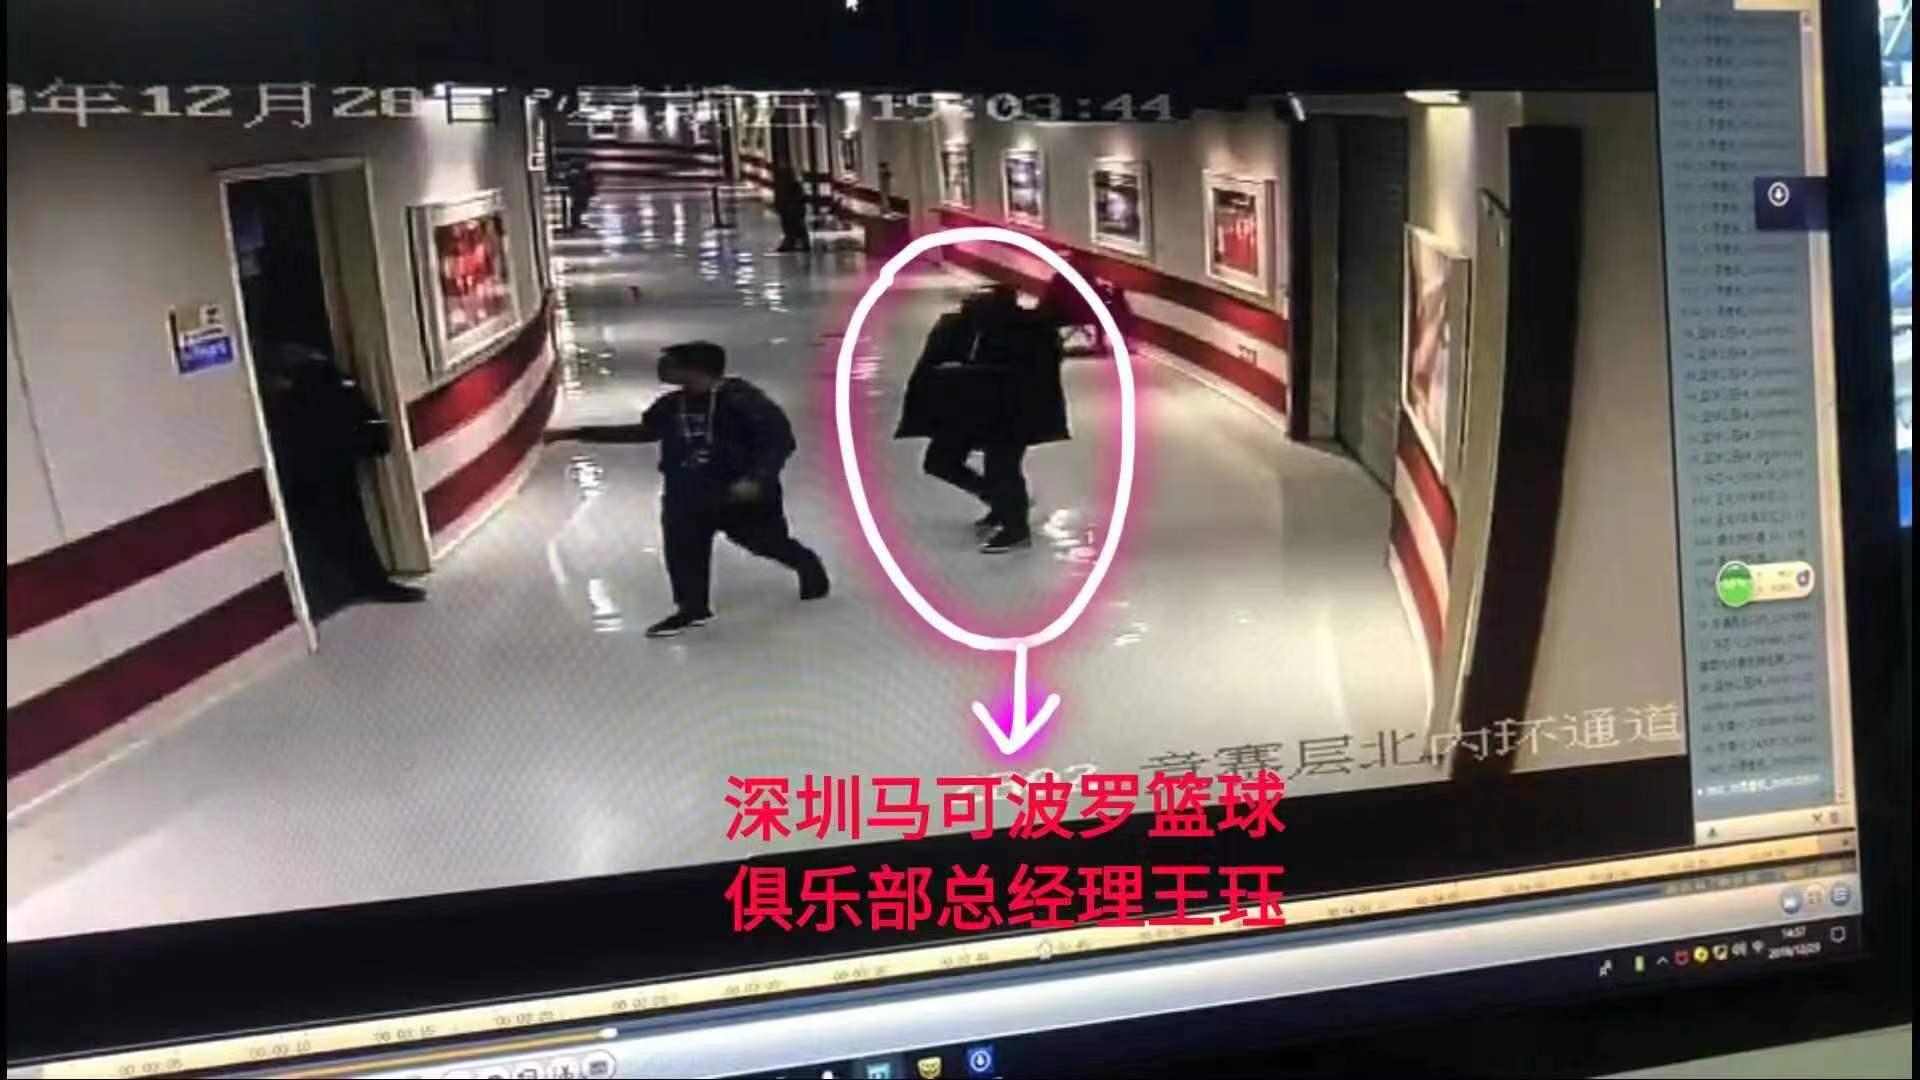 京媒:录像清清楚楚 首钢举报深圳队一点毛病没有